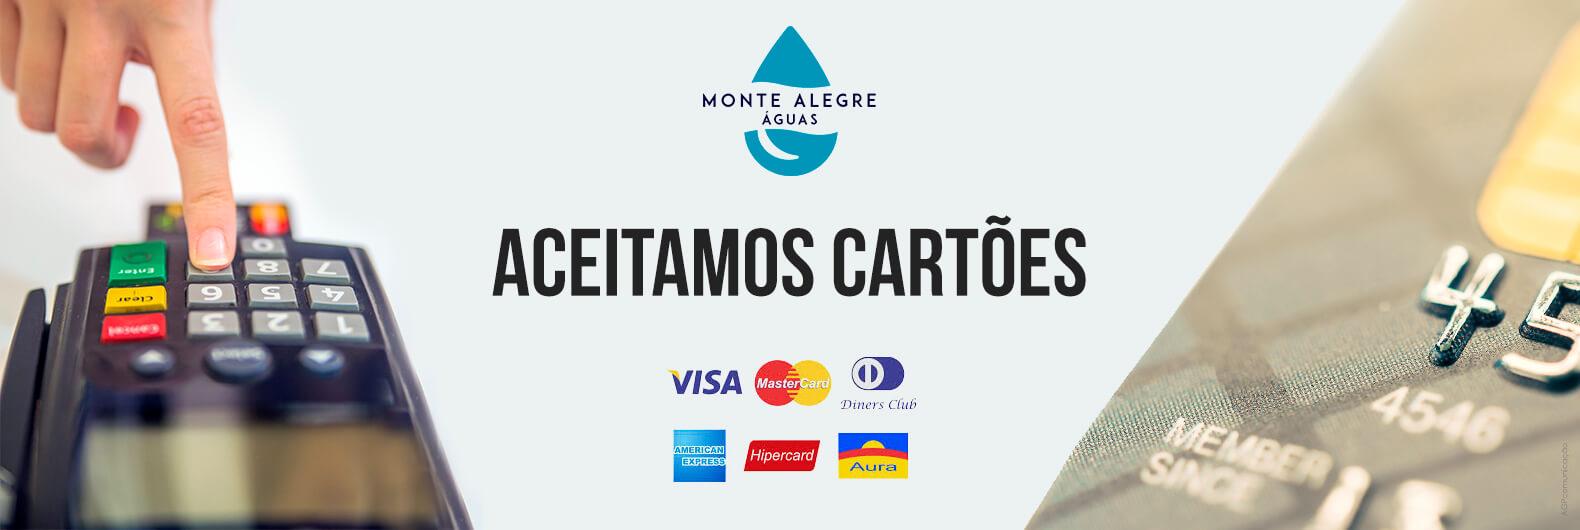 Monte Alegre Águas